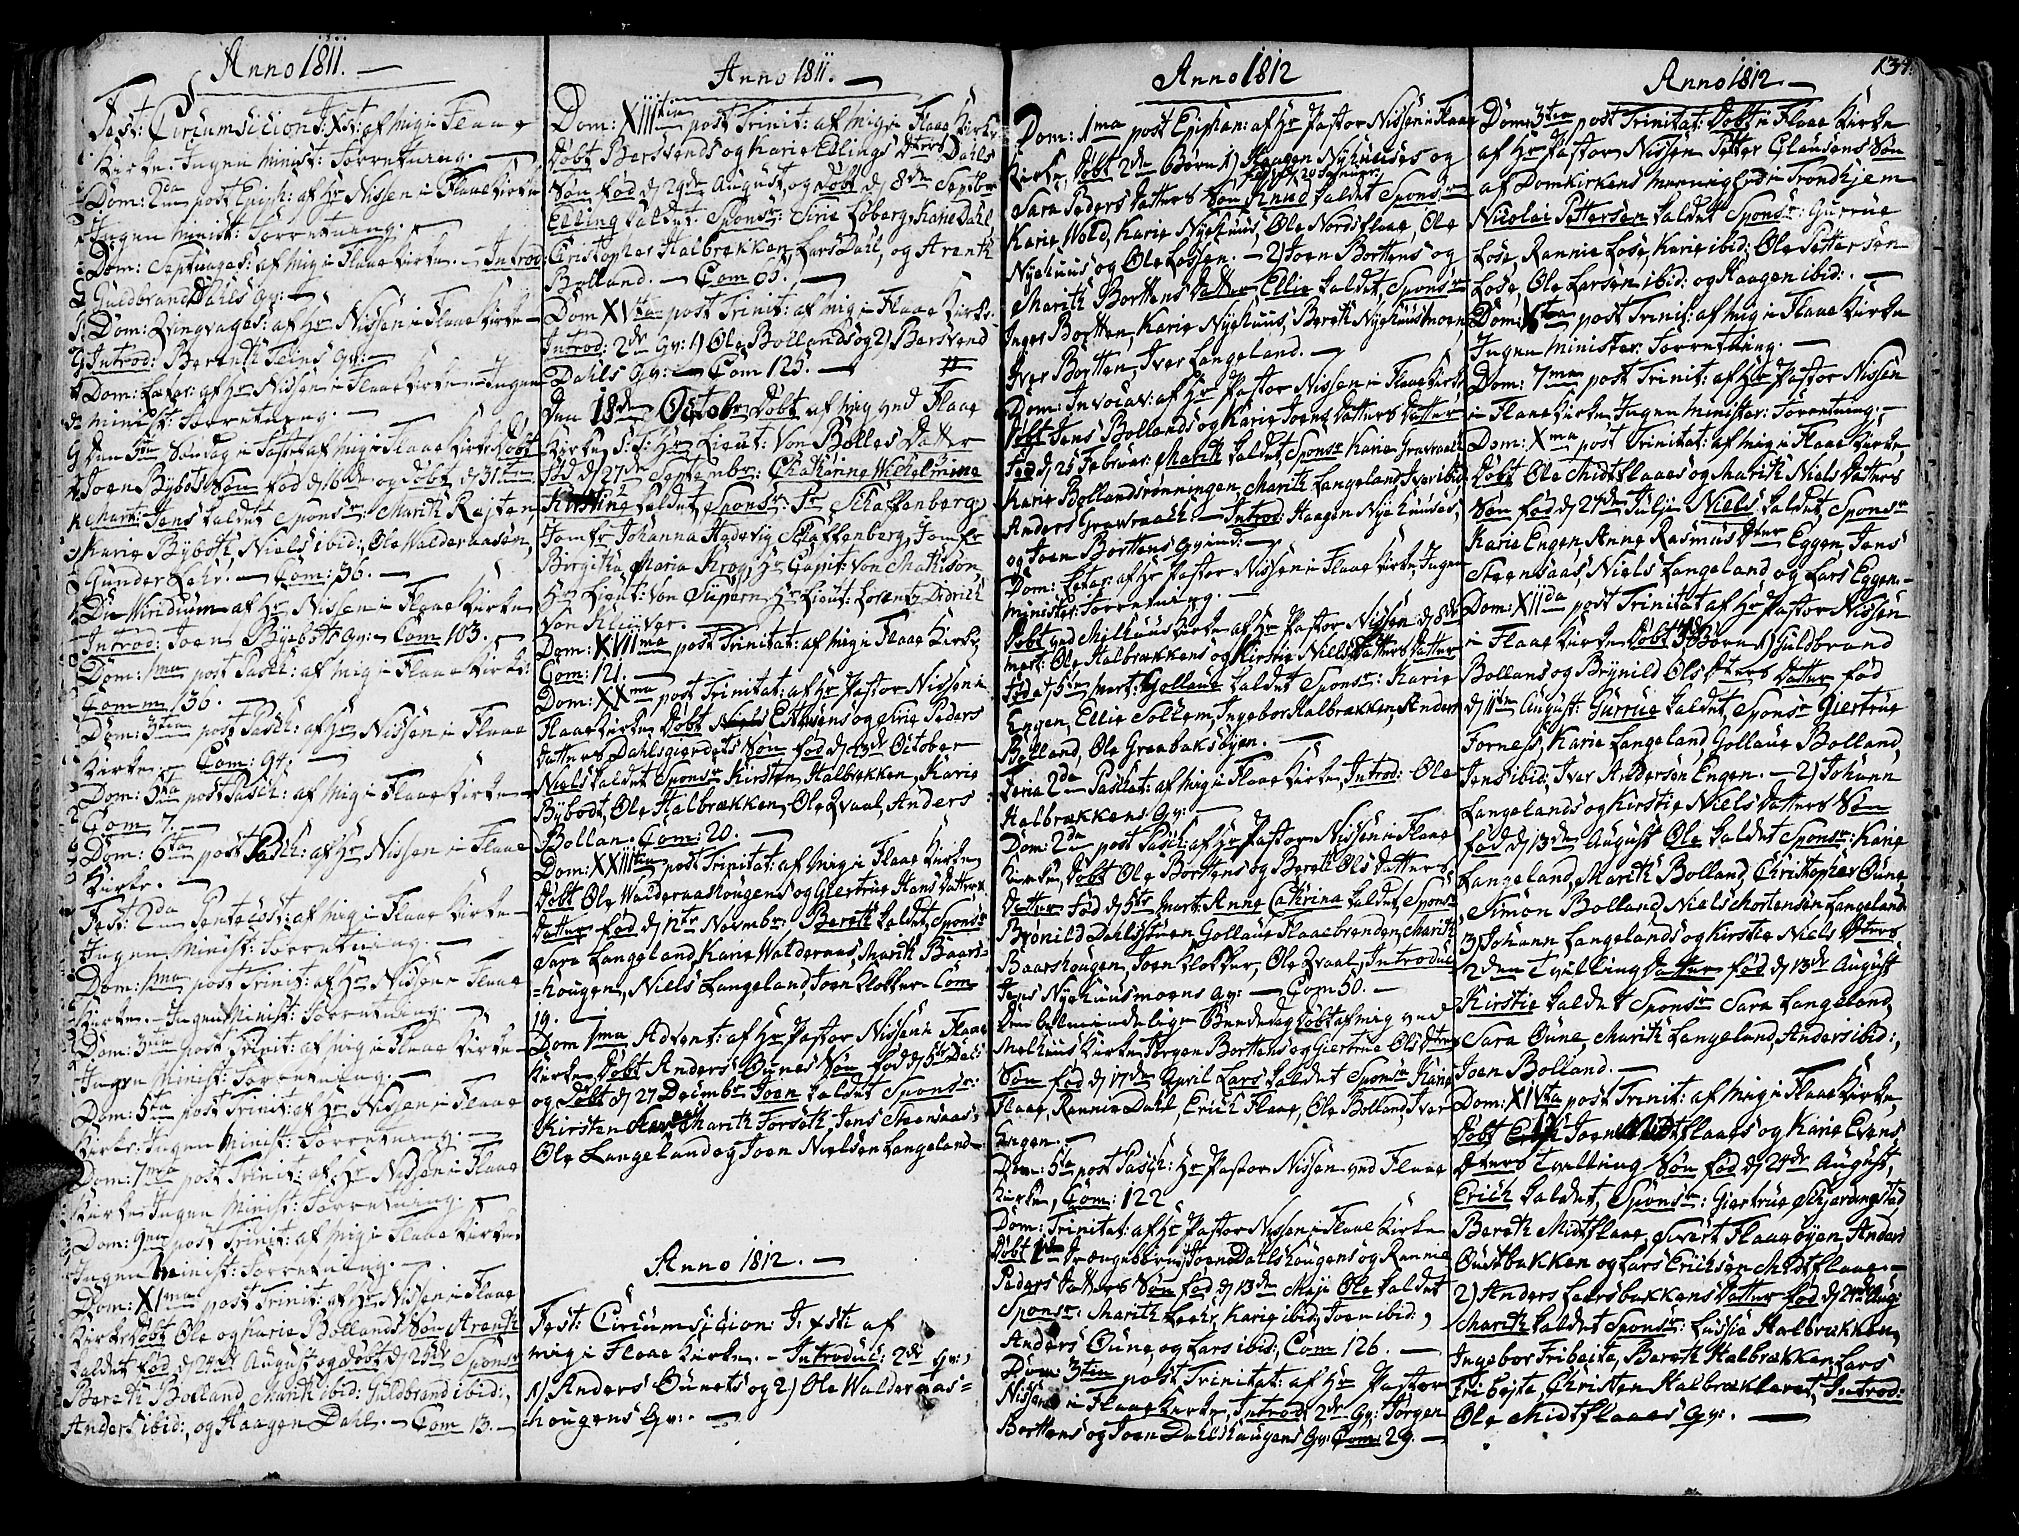 SAT, Ministerialprotokoller, klokkerbøker og fødselsregistre - Sør-Trøndelag, 691/L1062: Ministerialbok nr. 691A02 /2, 1768-1815, s. 134